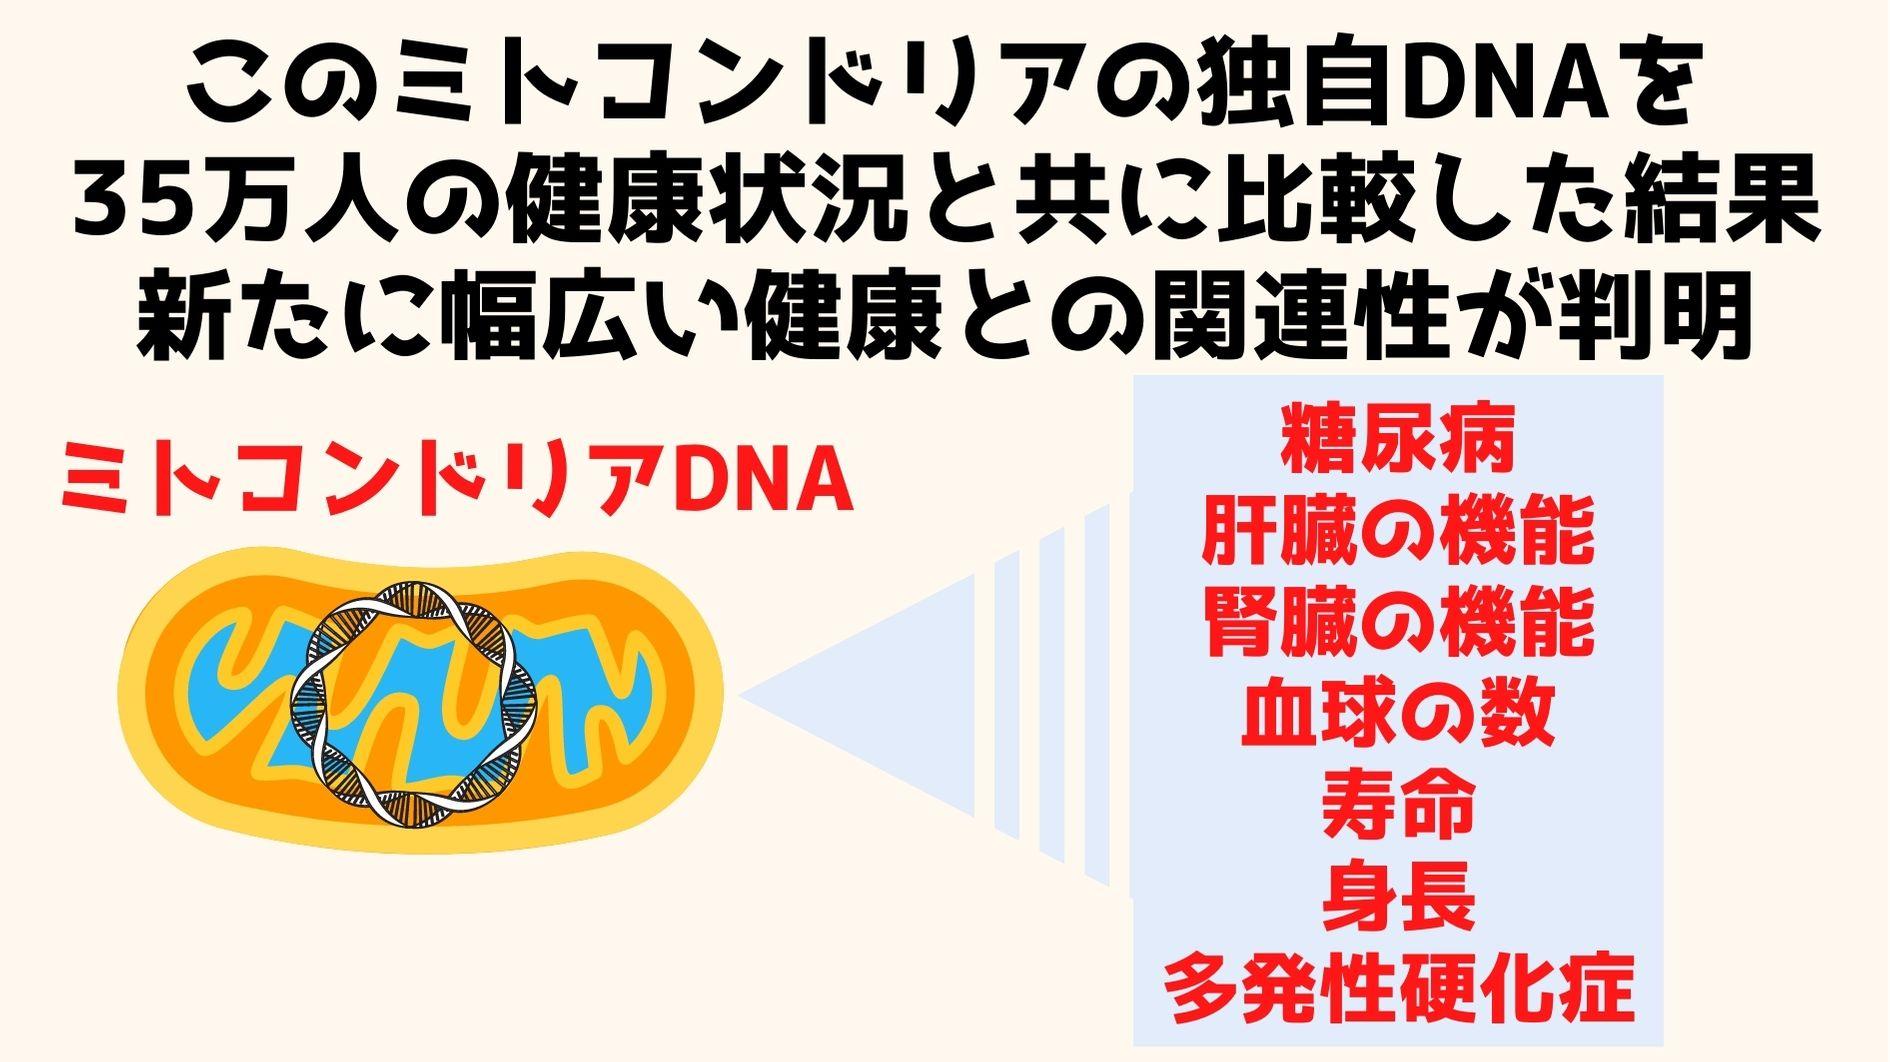 ミトコンドリアDNAは核DNAだけがかかわると考えられて来た要因に影響を与える